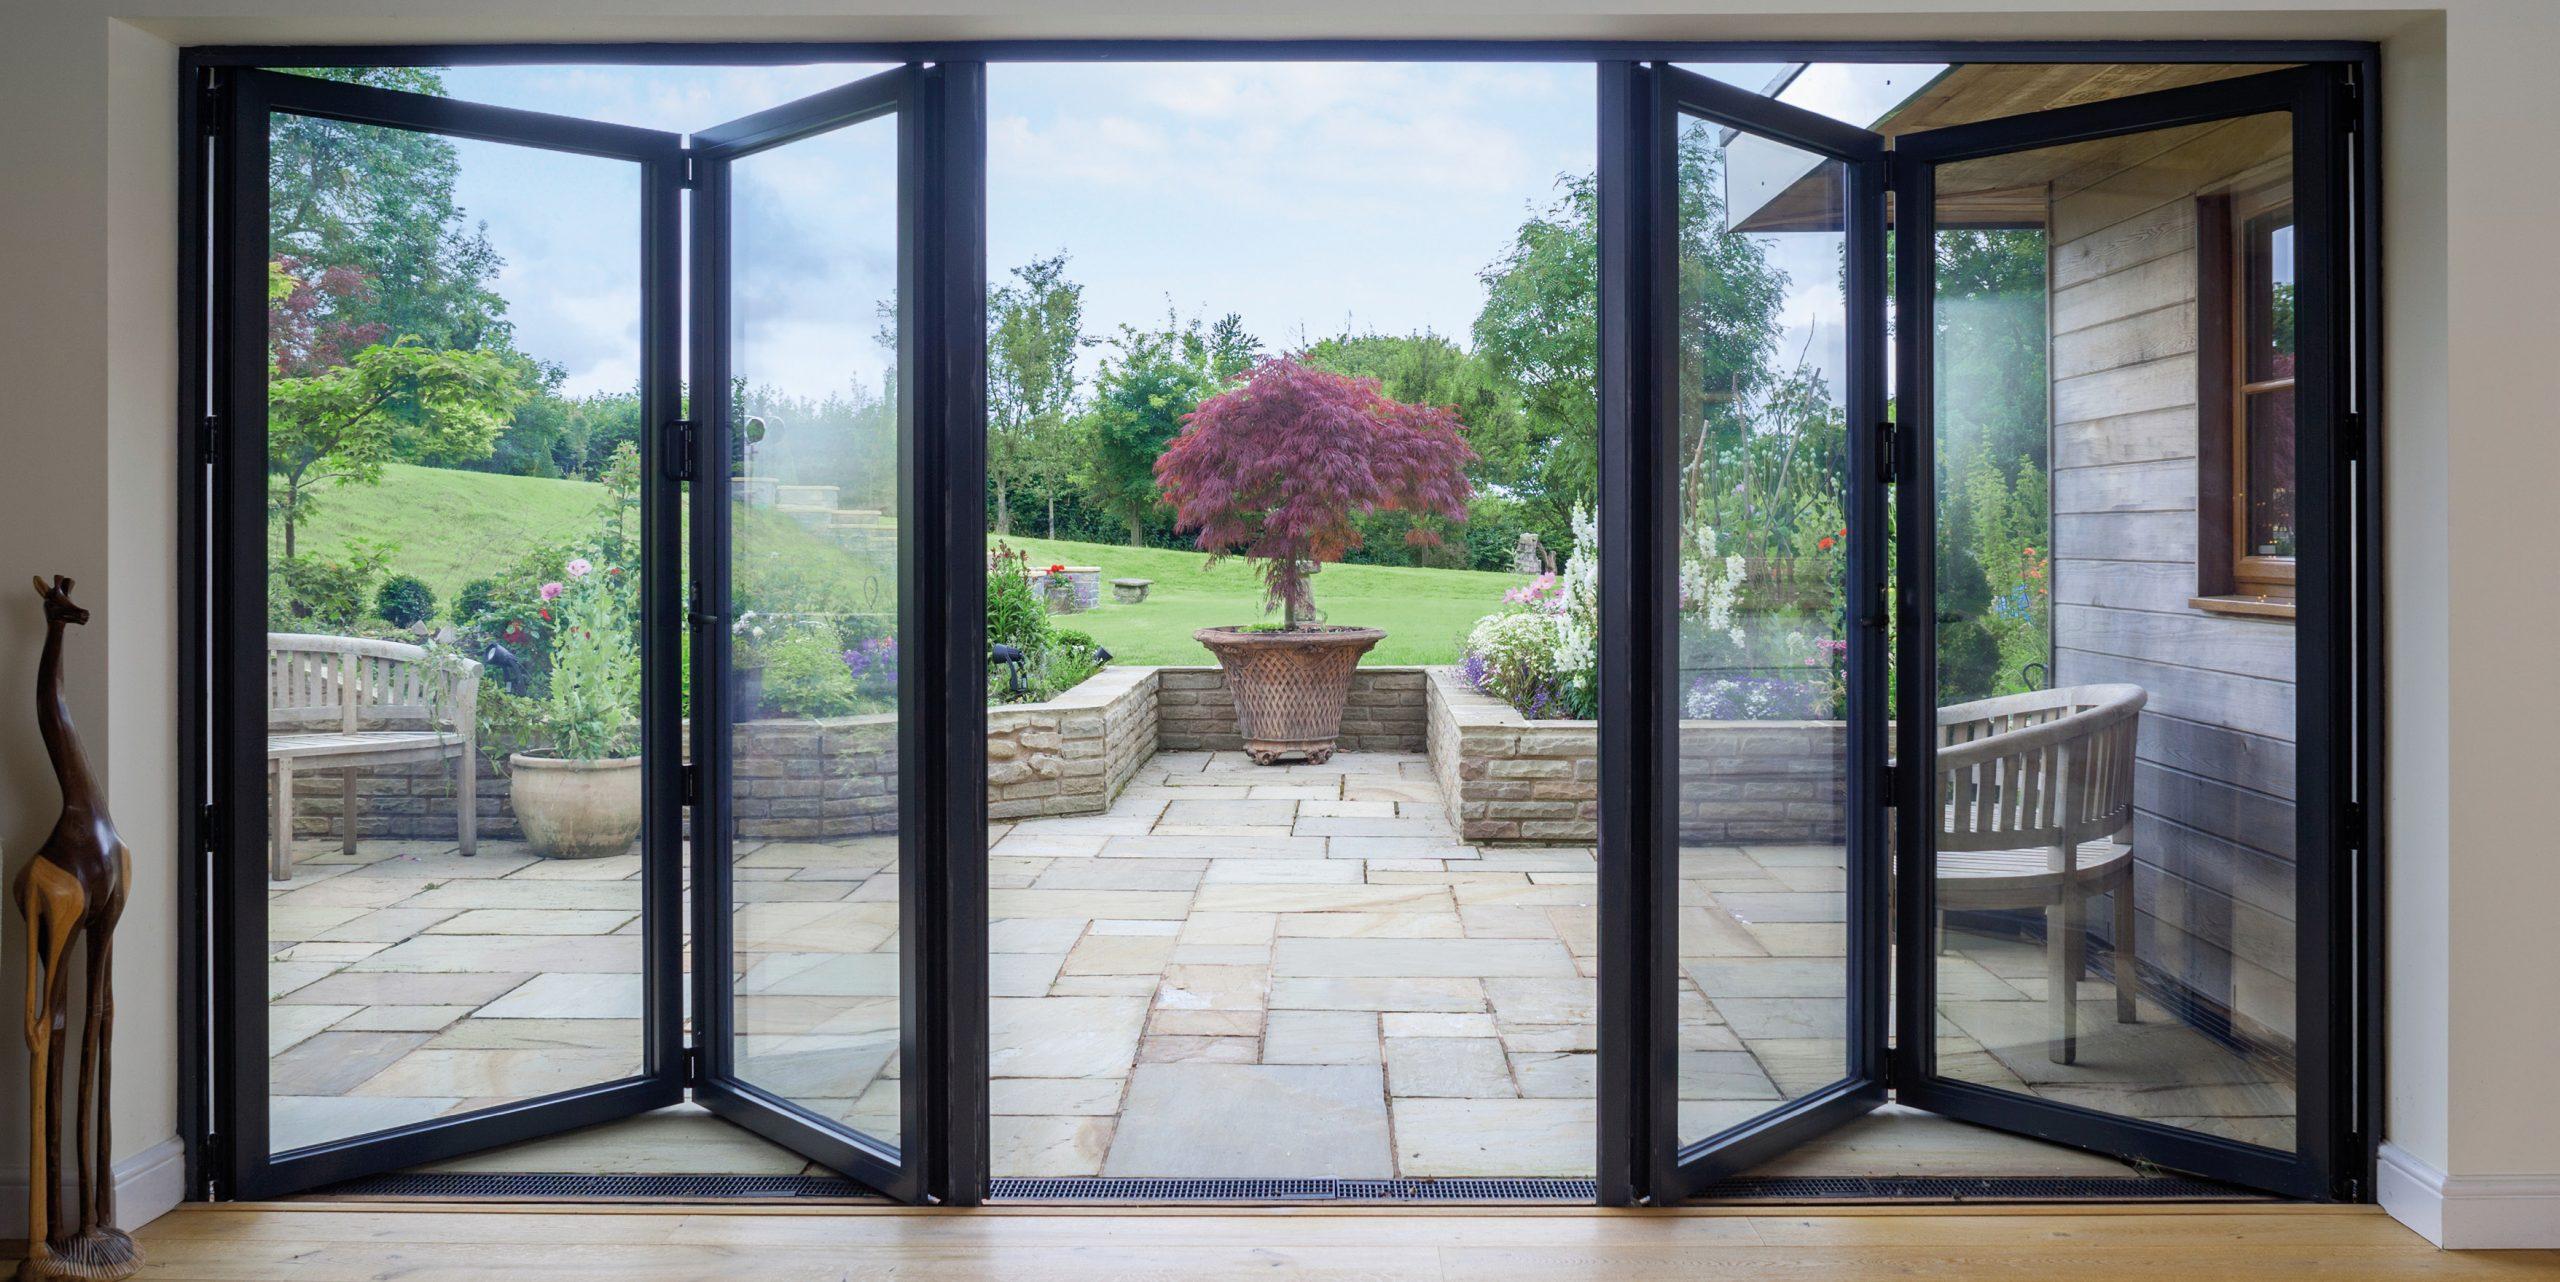 Bifold Visofold Doors Installer Basingstoke